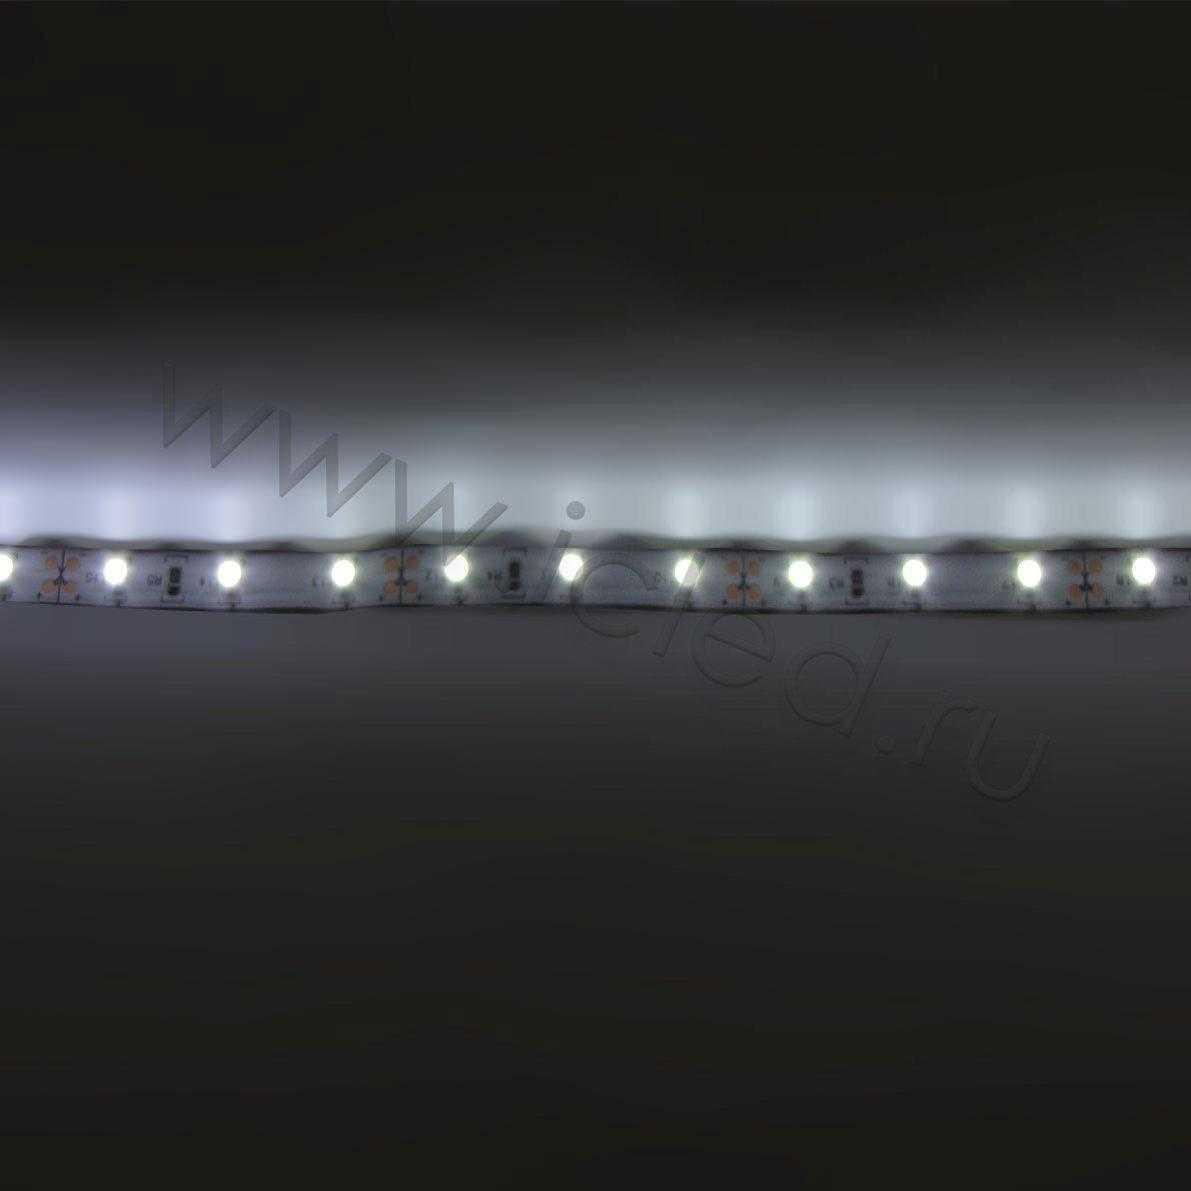 Светодиодная лента Class B, 3528, 60 led/m, White, 12V, IP33.